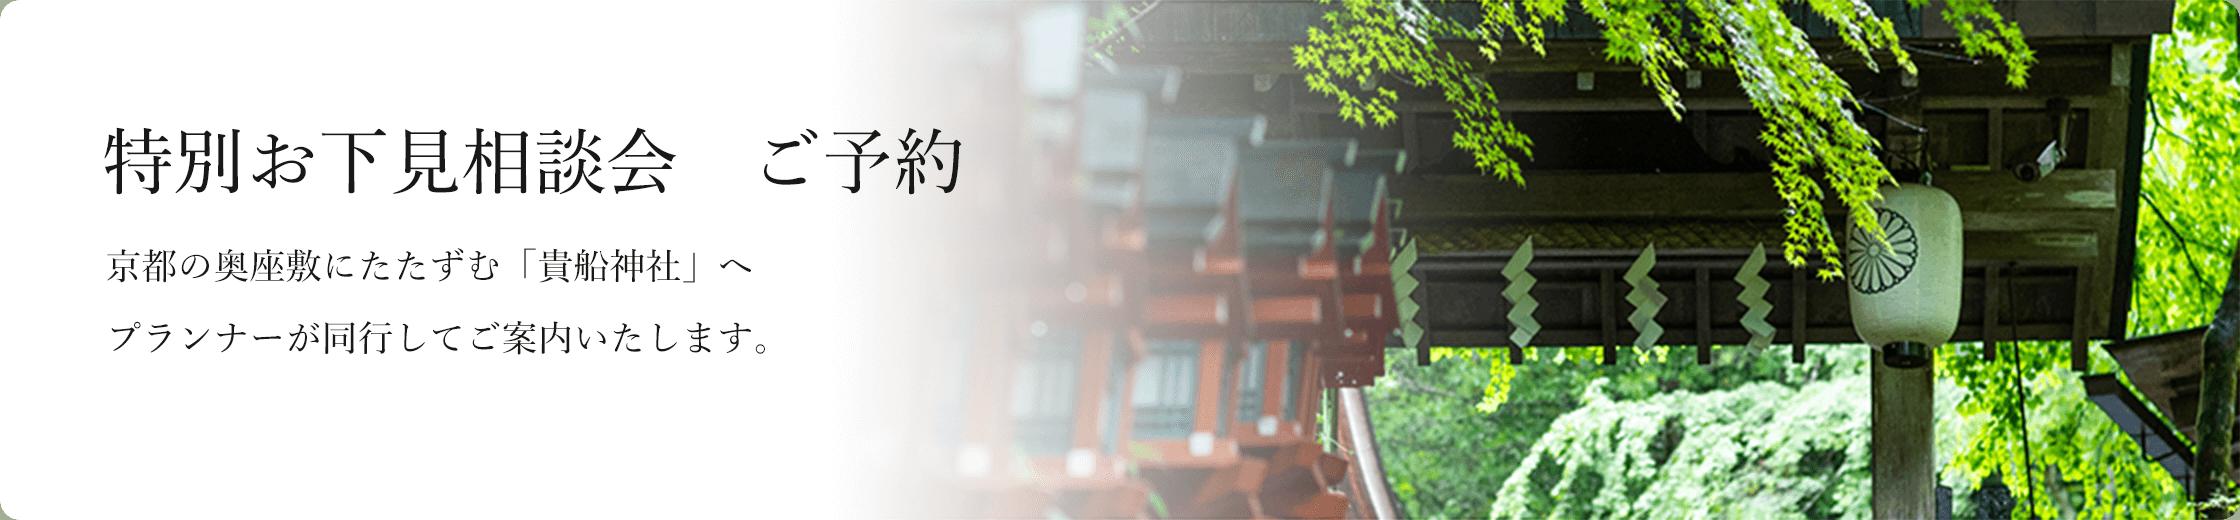 特別お下見相談会 ご予約。京都の奥座敷にたたずむ「貴船神社」へ経験豊富なブライダルプランナーが同行してご案内いたします。